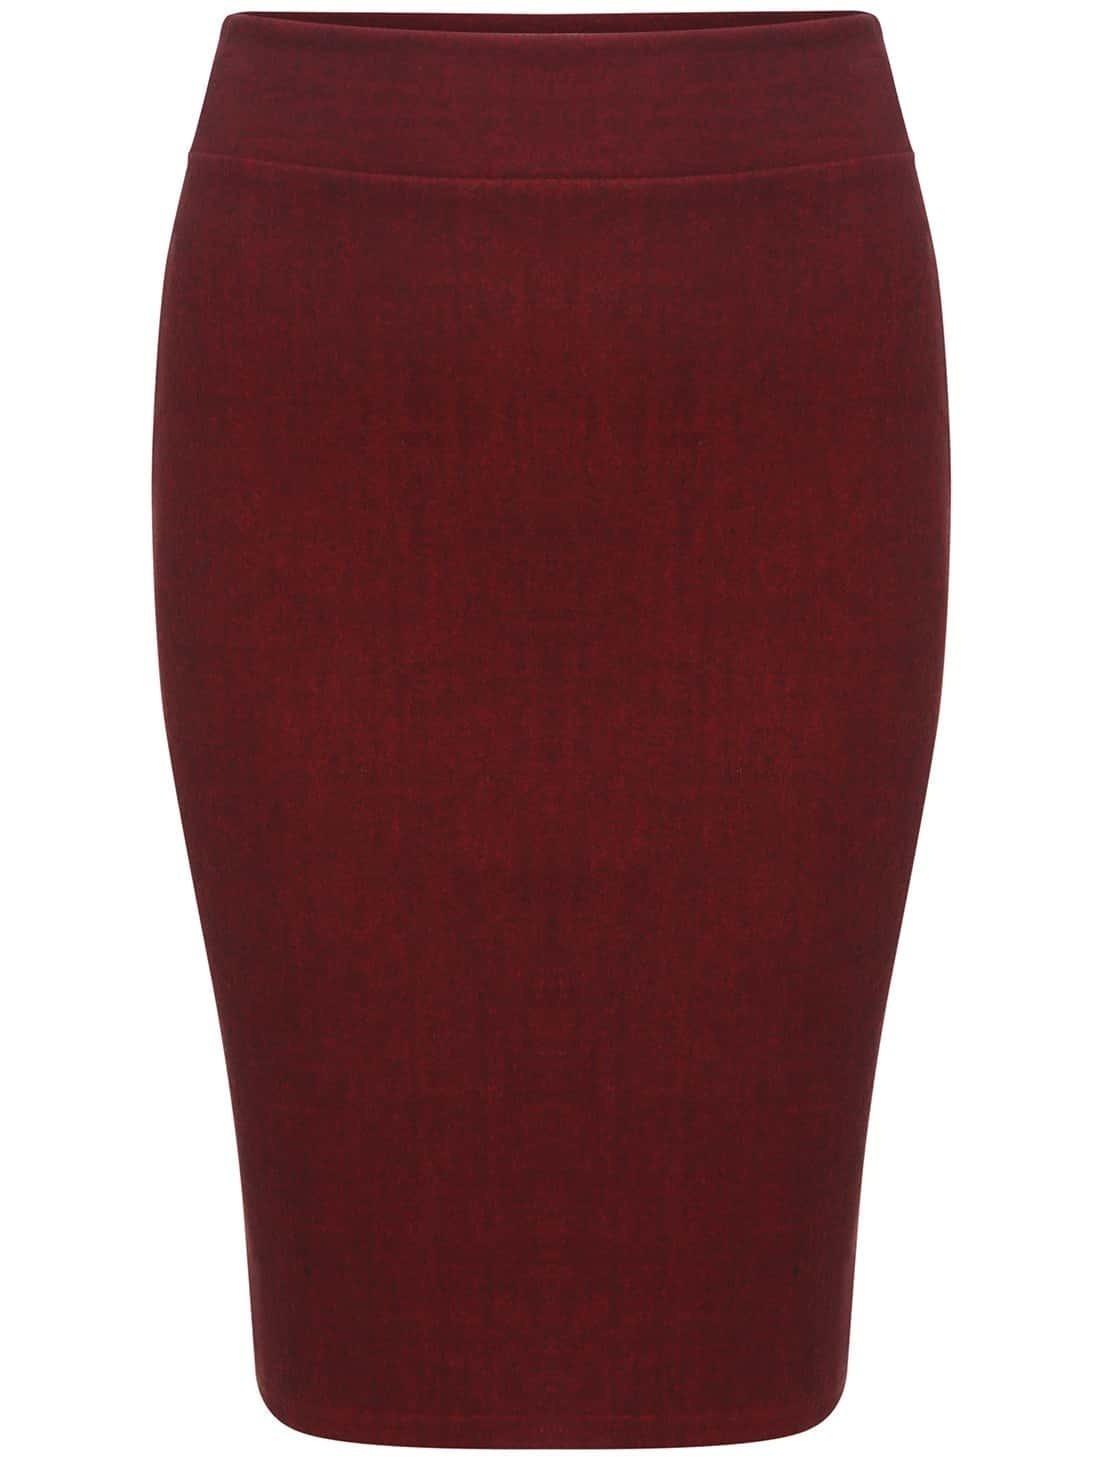 Falda tubo trenzado rojo spanish romwe for Tubo corrugado rojo precio